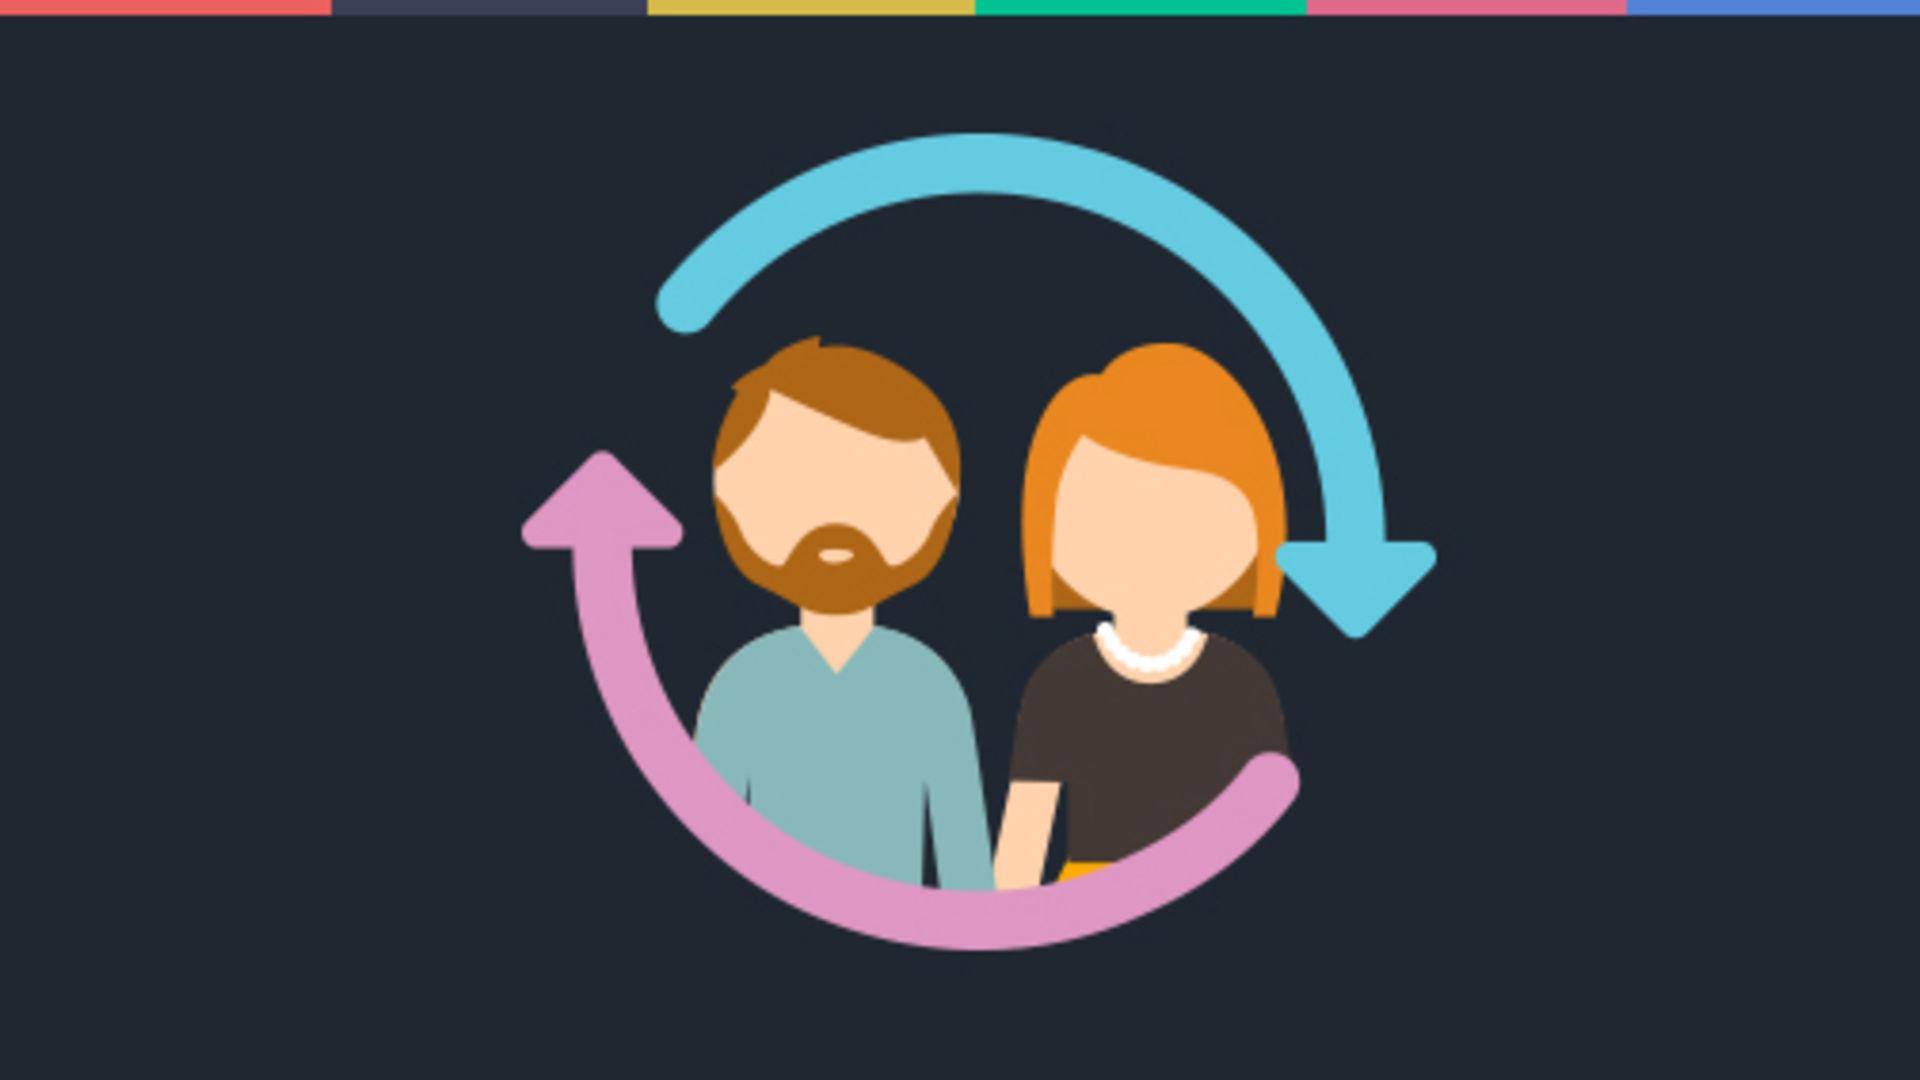 İşletmenizdeki Pazarlama Uzmanını Nasıl Müşteri Deneyimi Uzmanı Haline Getirirsiniz?